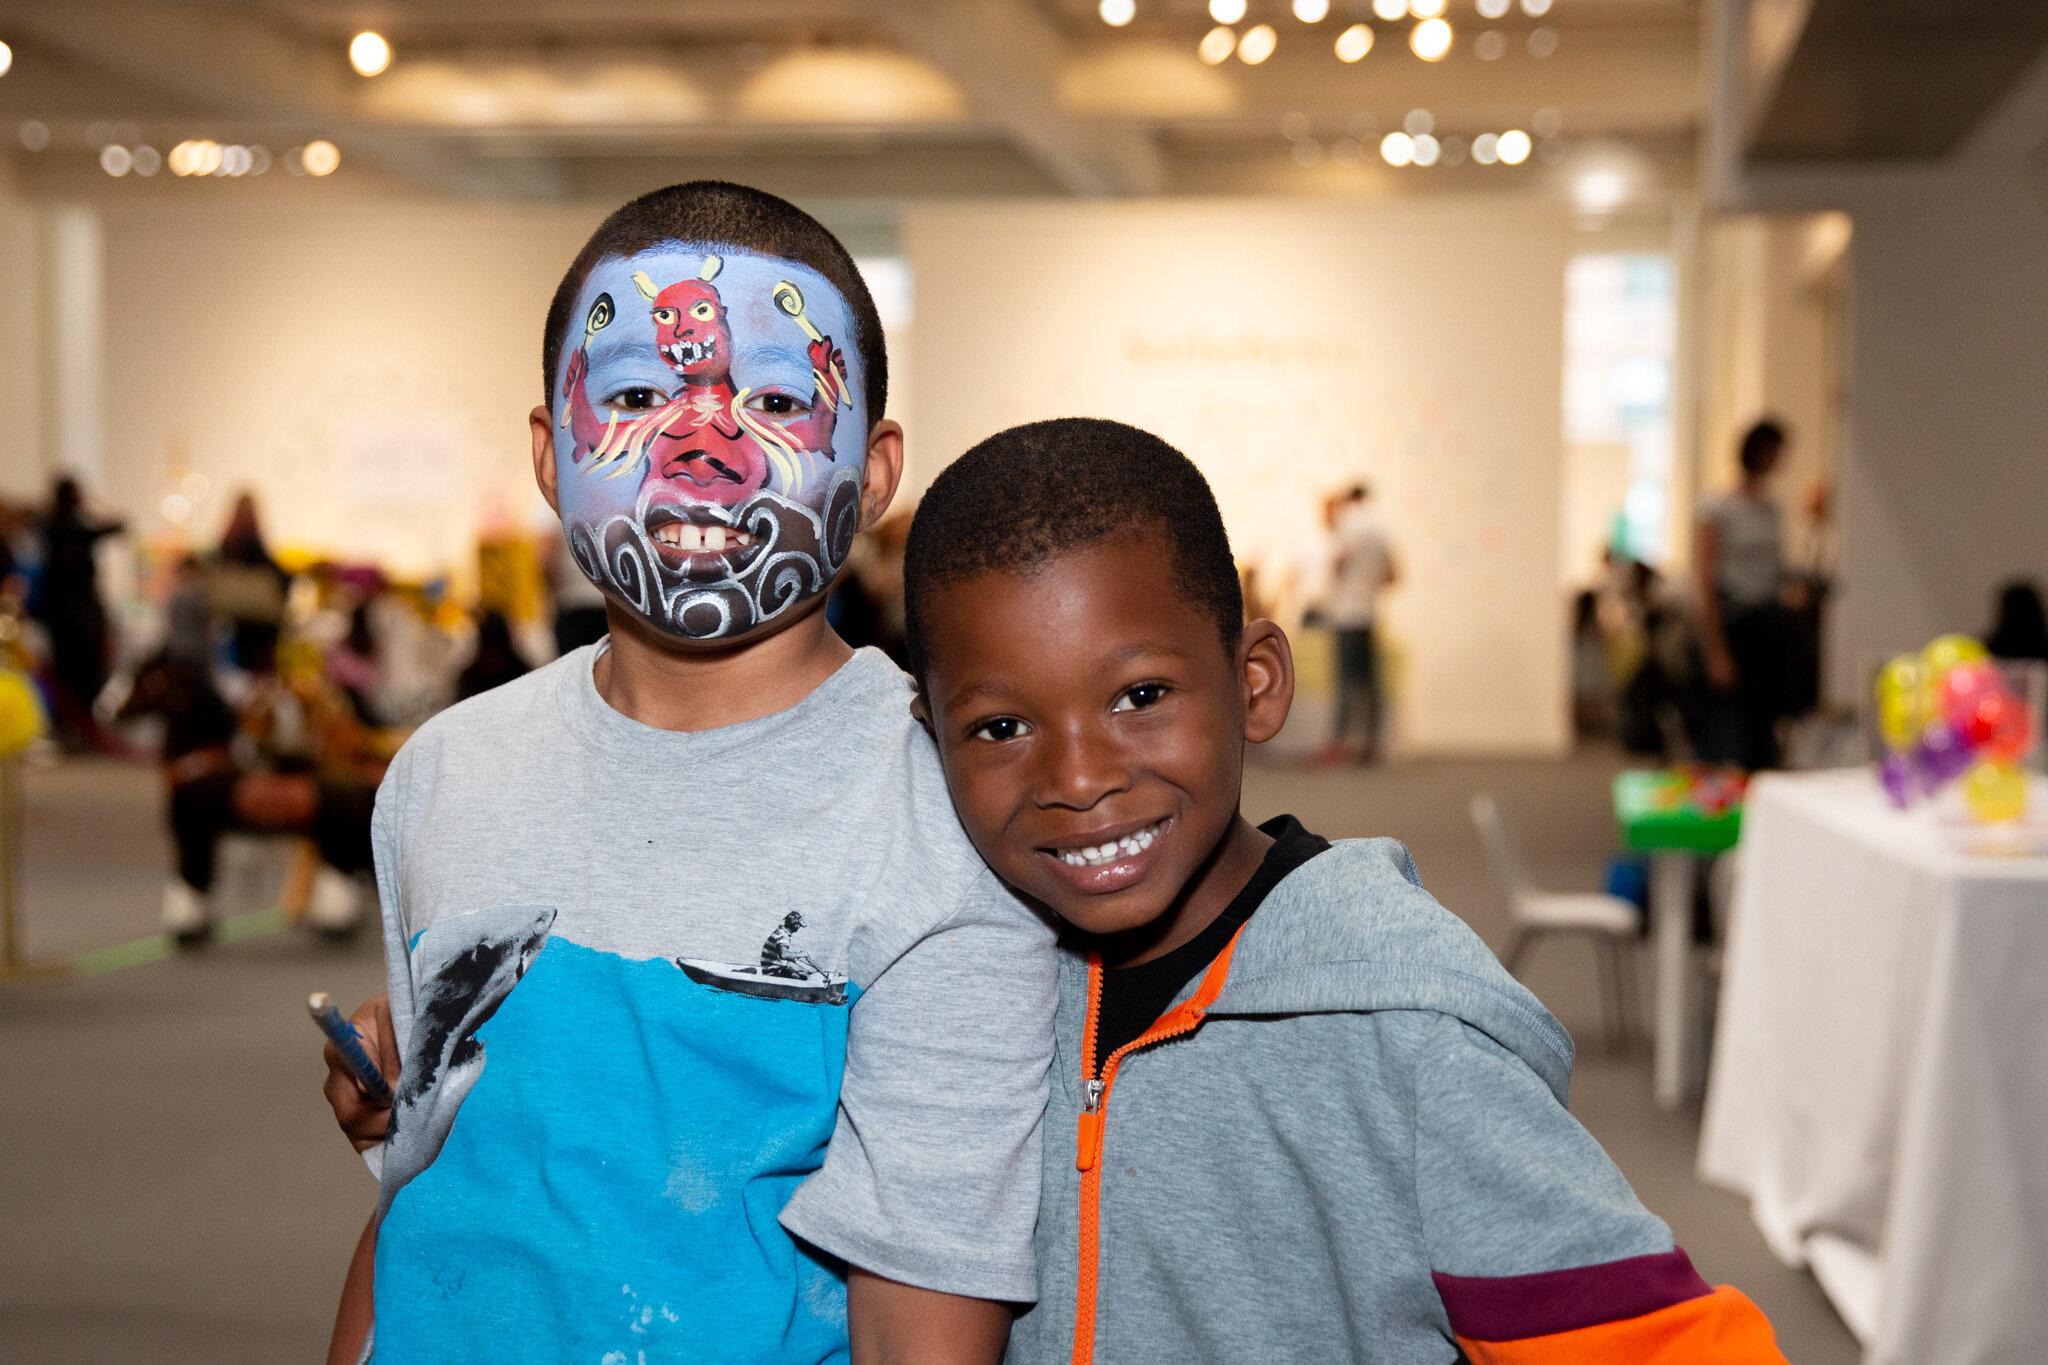 KidsFest2019_FreeArtsNYC_HyphenPhotography.jpg